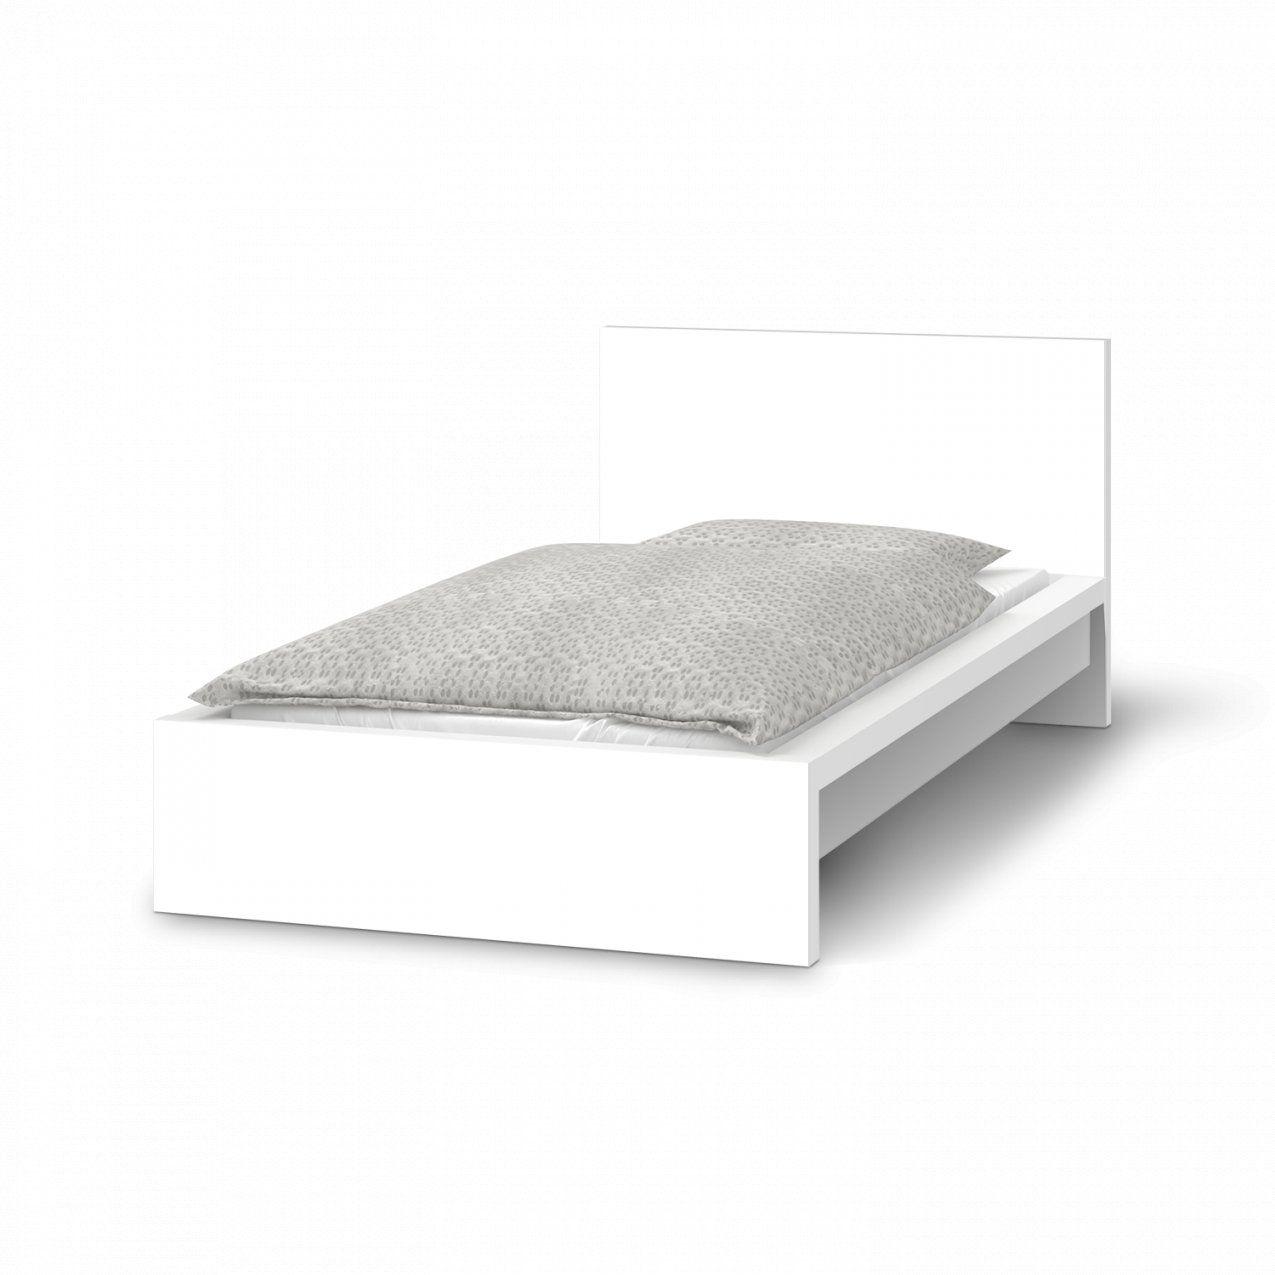 Stauraum Bett Weis 120X200 Betten Inneneinrichtung Und Mobeluraum von Bett 90X200 Weiß Hochglanz Bild